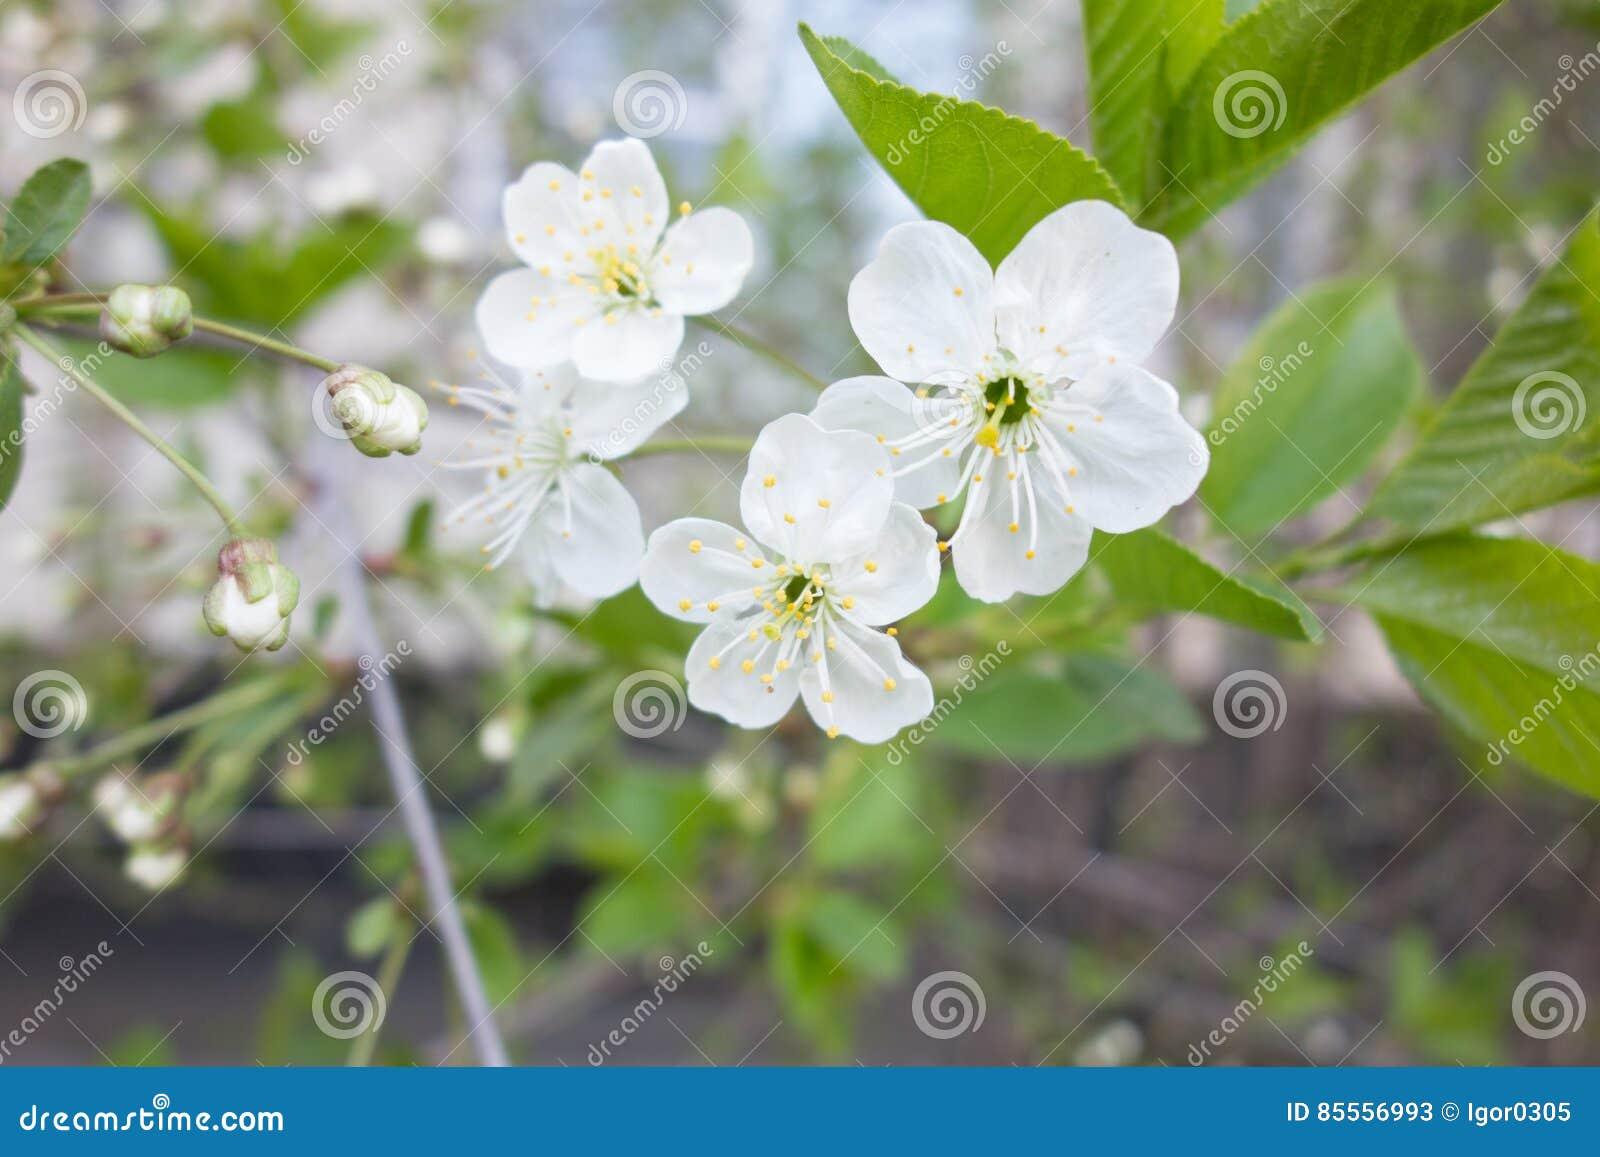 Weiße Kirschbaumblume im Frühjahr